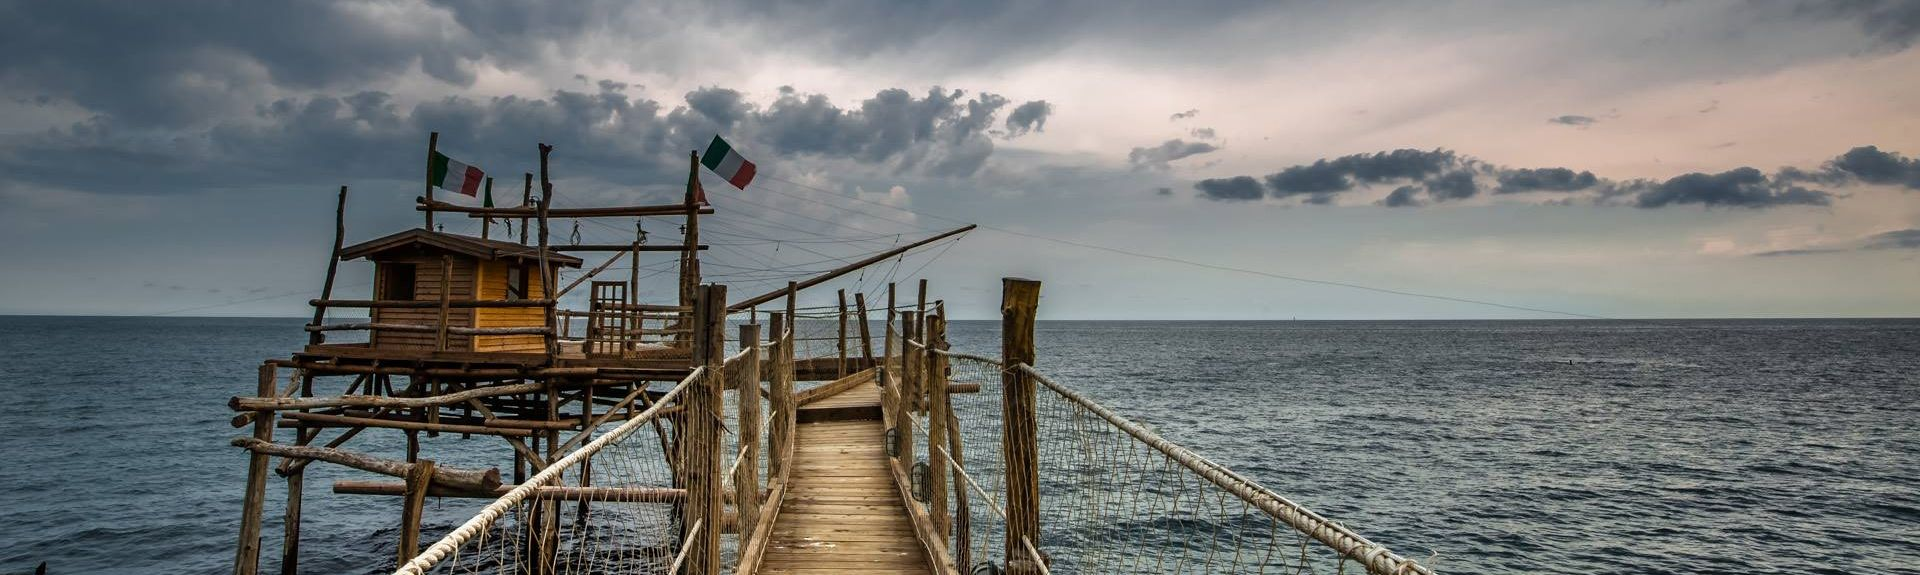 Chieti (provincia), Abruzzo, Italia